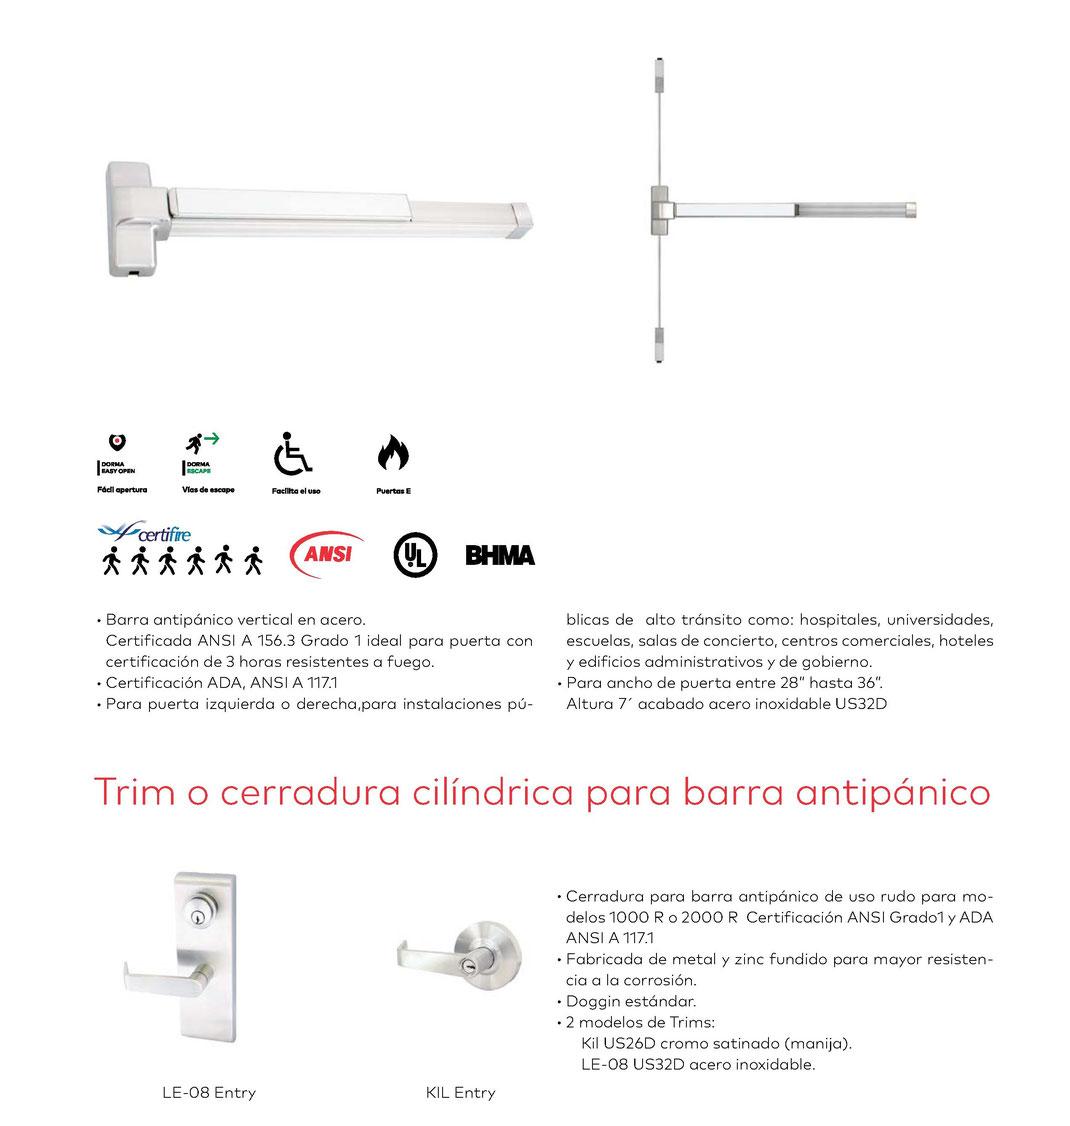 Barra antipánico vertical Serie 1000 V